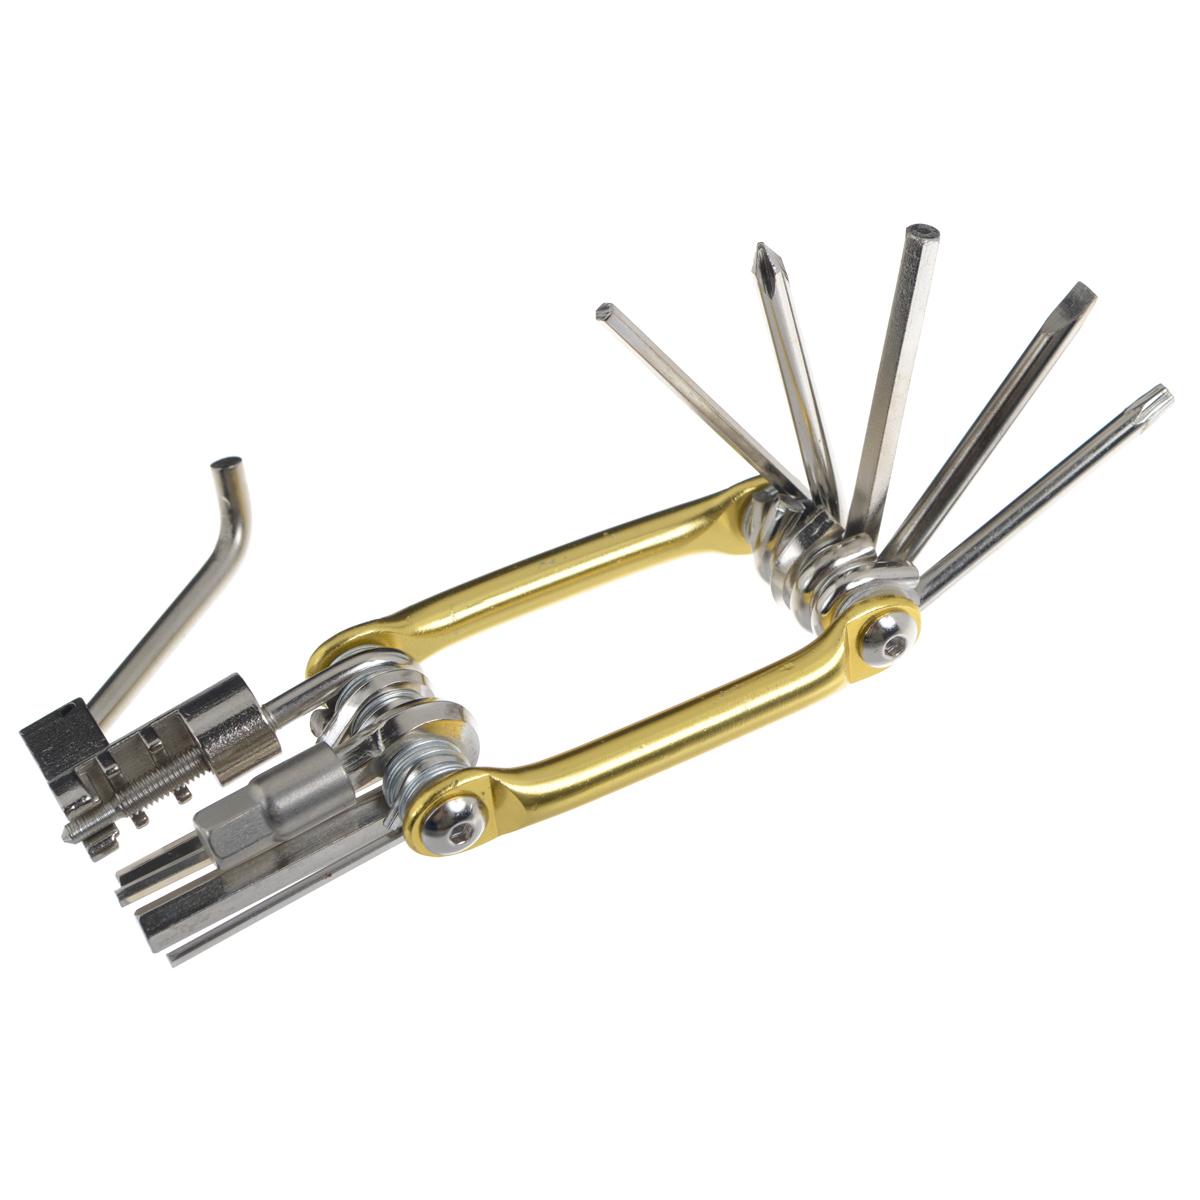 Набор велосипедный Fit для мелкого ремонта, цвет: золотистый, 11 функций64215 золотоНабор Fit предназначен велосипедного ремонта крепежных элементов. В комплект входит: - 7 шестигранных ключей: H2, H2.5, H3, H4, H5, H6, H8; - ключ торкс: T25; - 2 отвертки: SL5 и PH1; - выжимка для цепи. Ключи, отвертки и выжимка для цепи выполнены из хром-ванадиевой стали, корпус выполнен из алюминия. Набор компактный, занимает мало места. Набор Fit станет незаменимым для любителей езды на велосипеде.